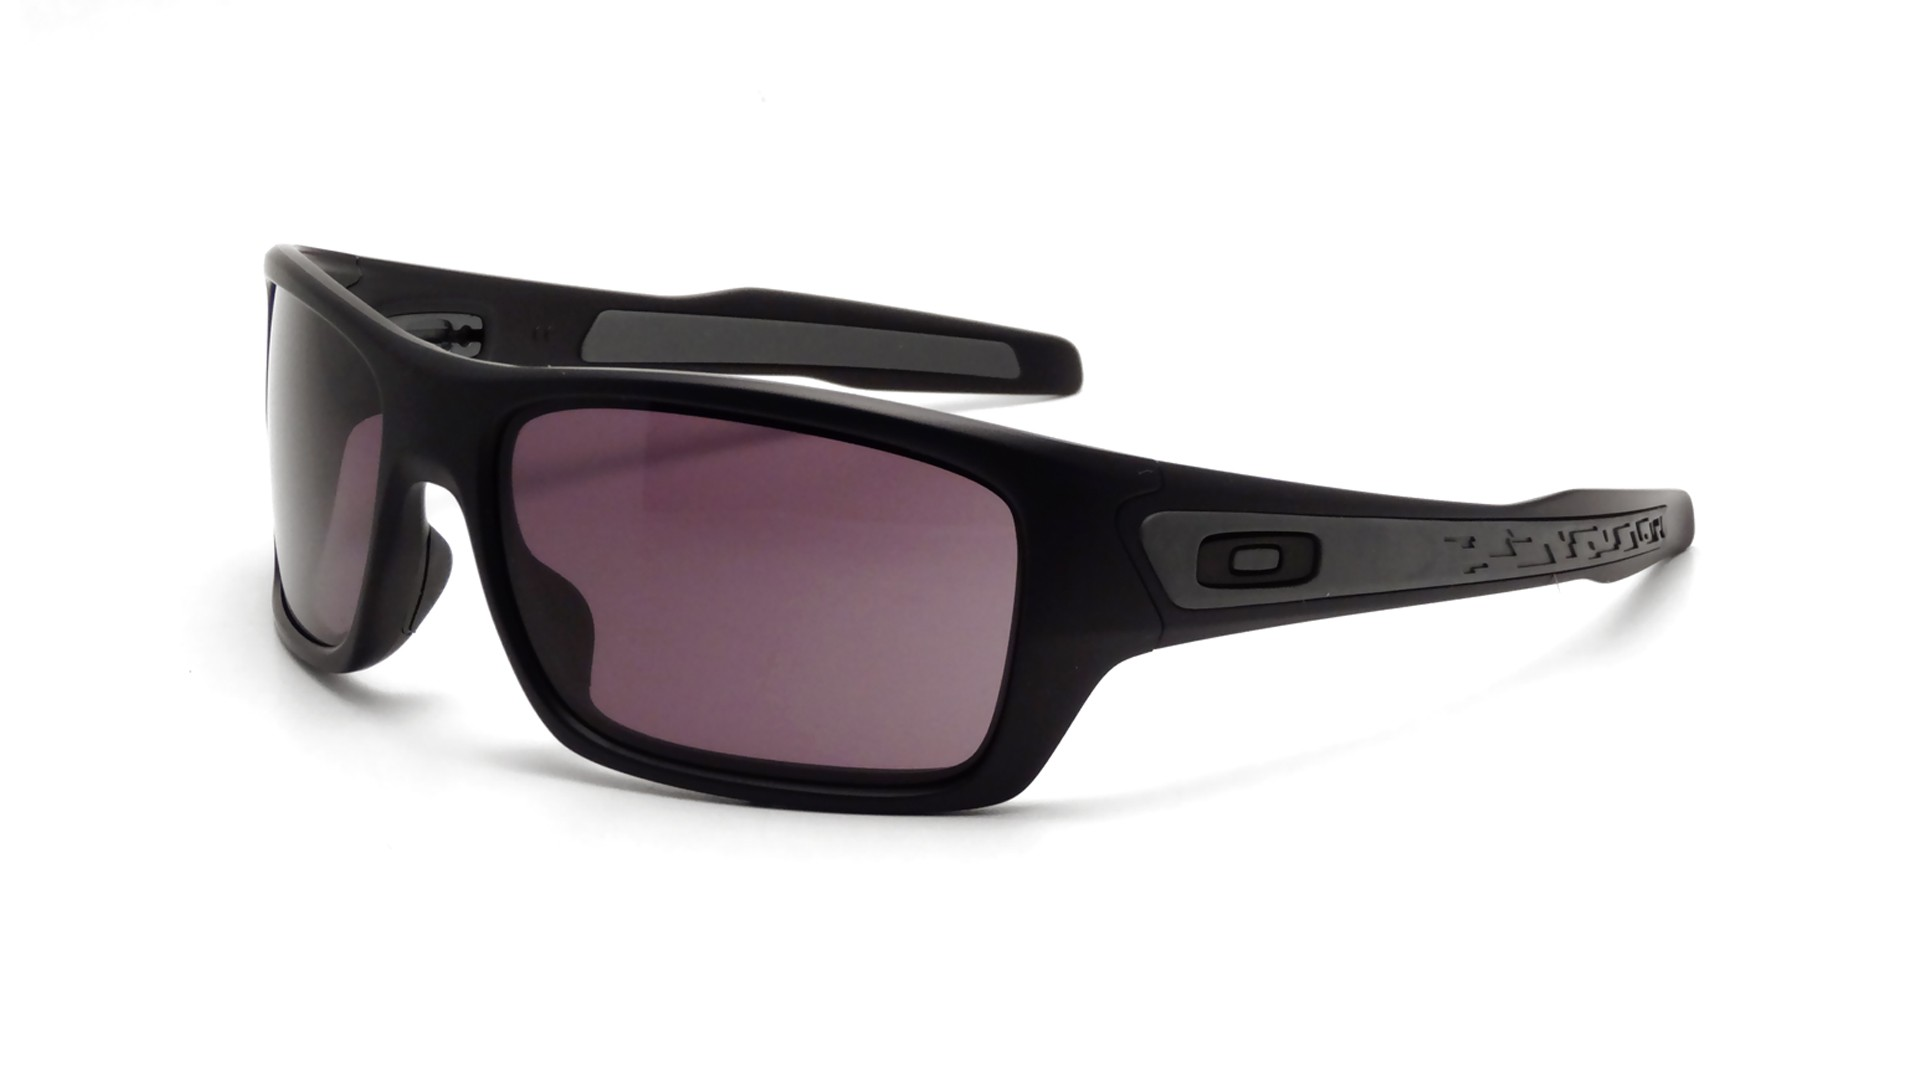 defa719cdf Discount Oakley Turbine Sunglasses